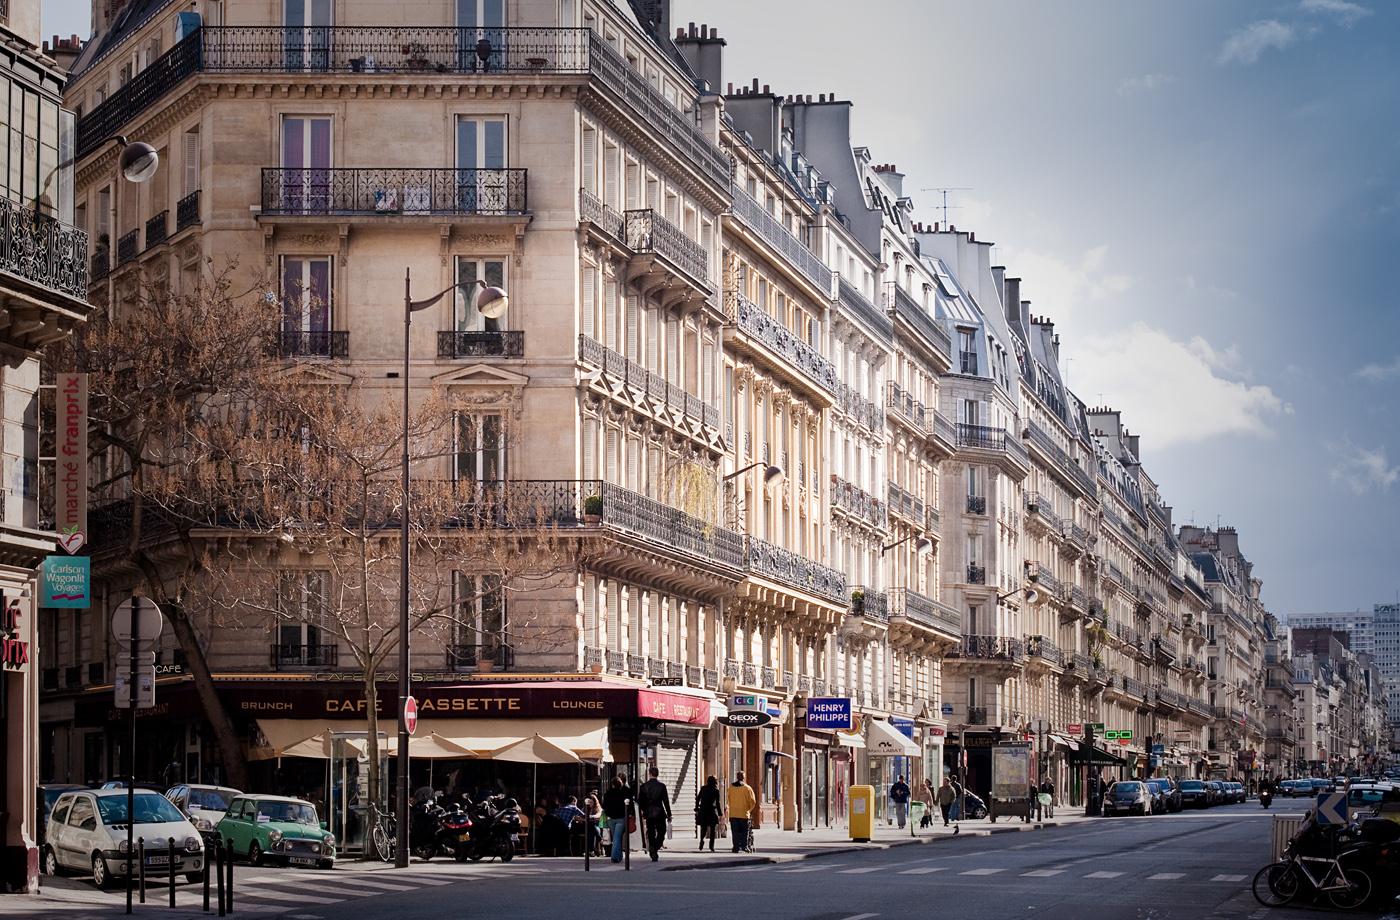 Café Cassette, Rue du Rennes, Paris